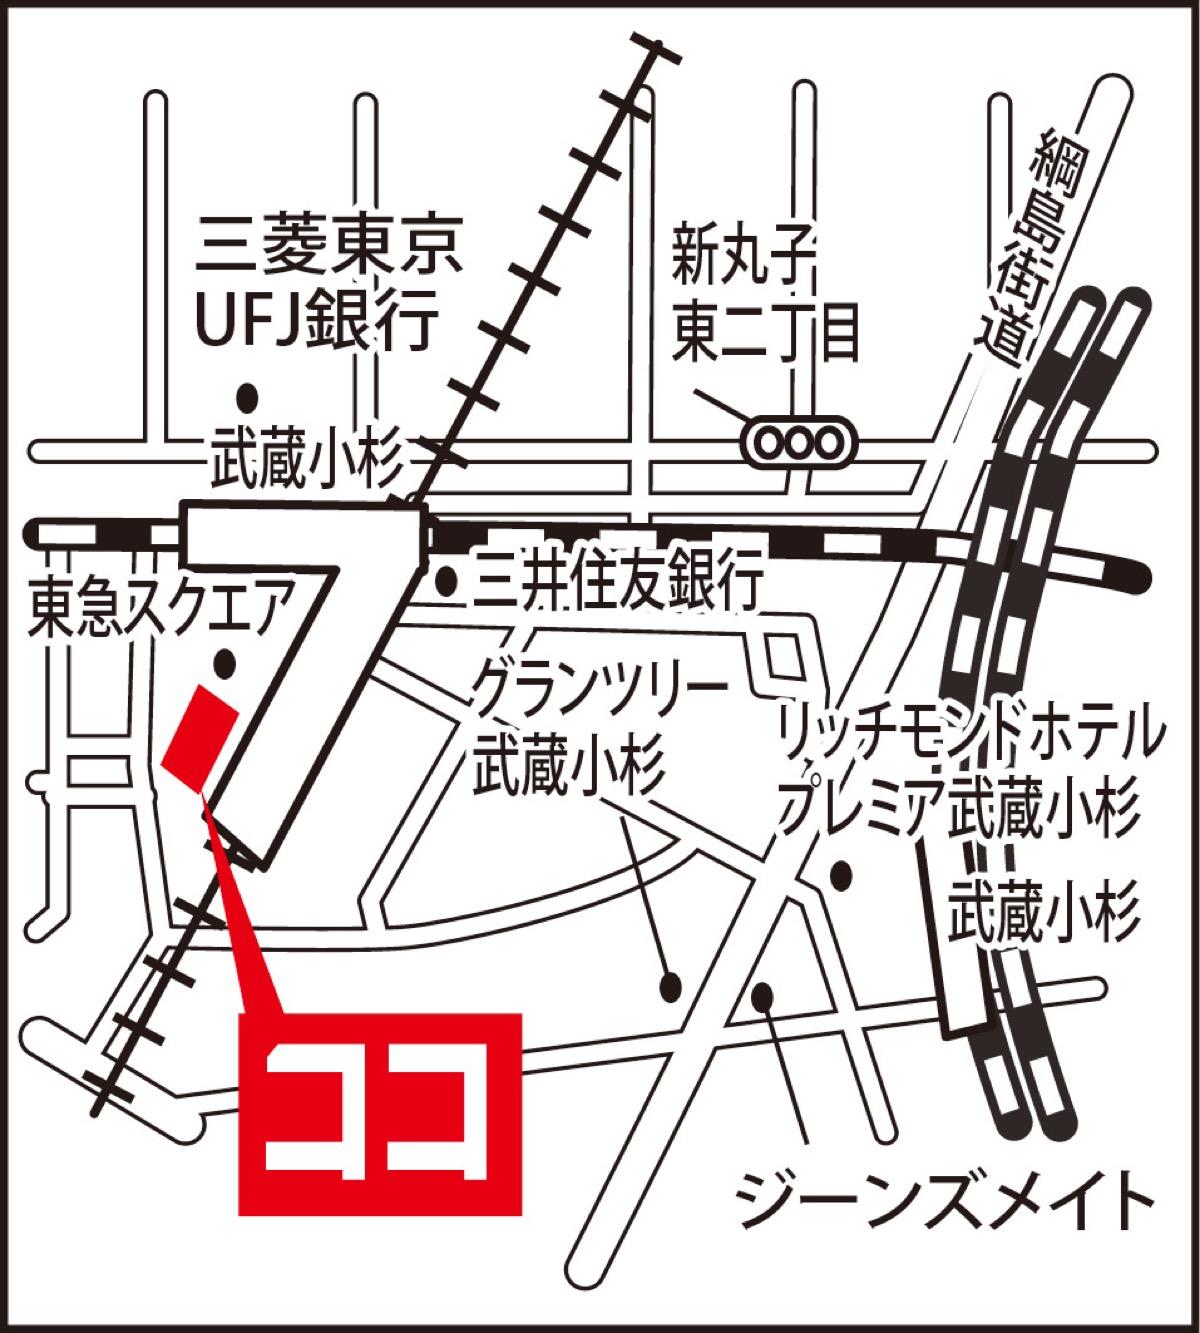 駅近く、憩いの広場 武蔵小杉「こすぎコアパーク」イルミネーションも点灯